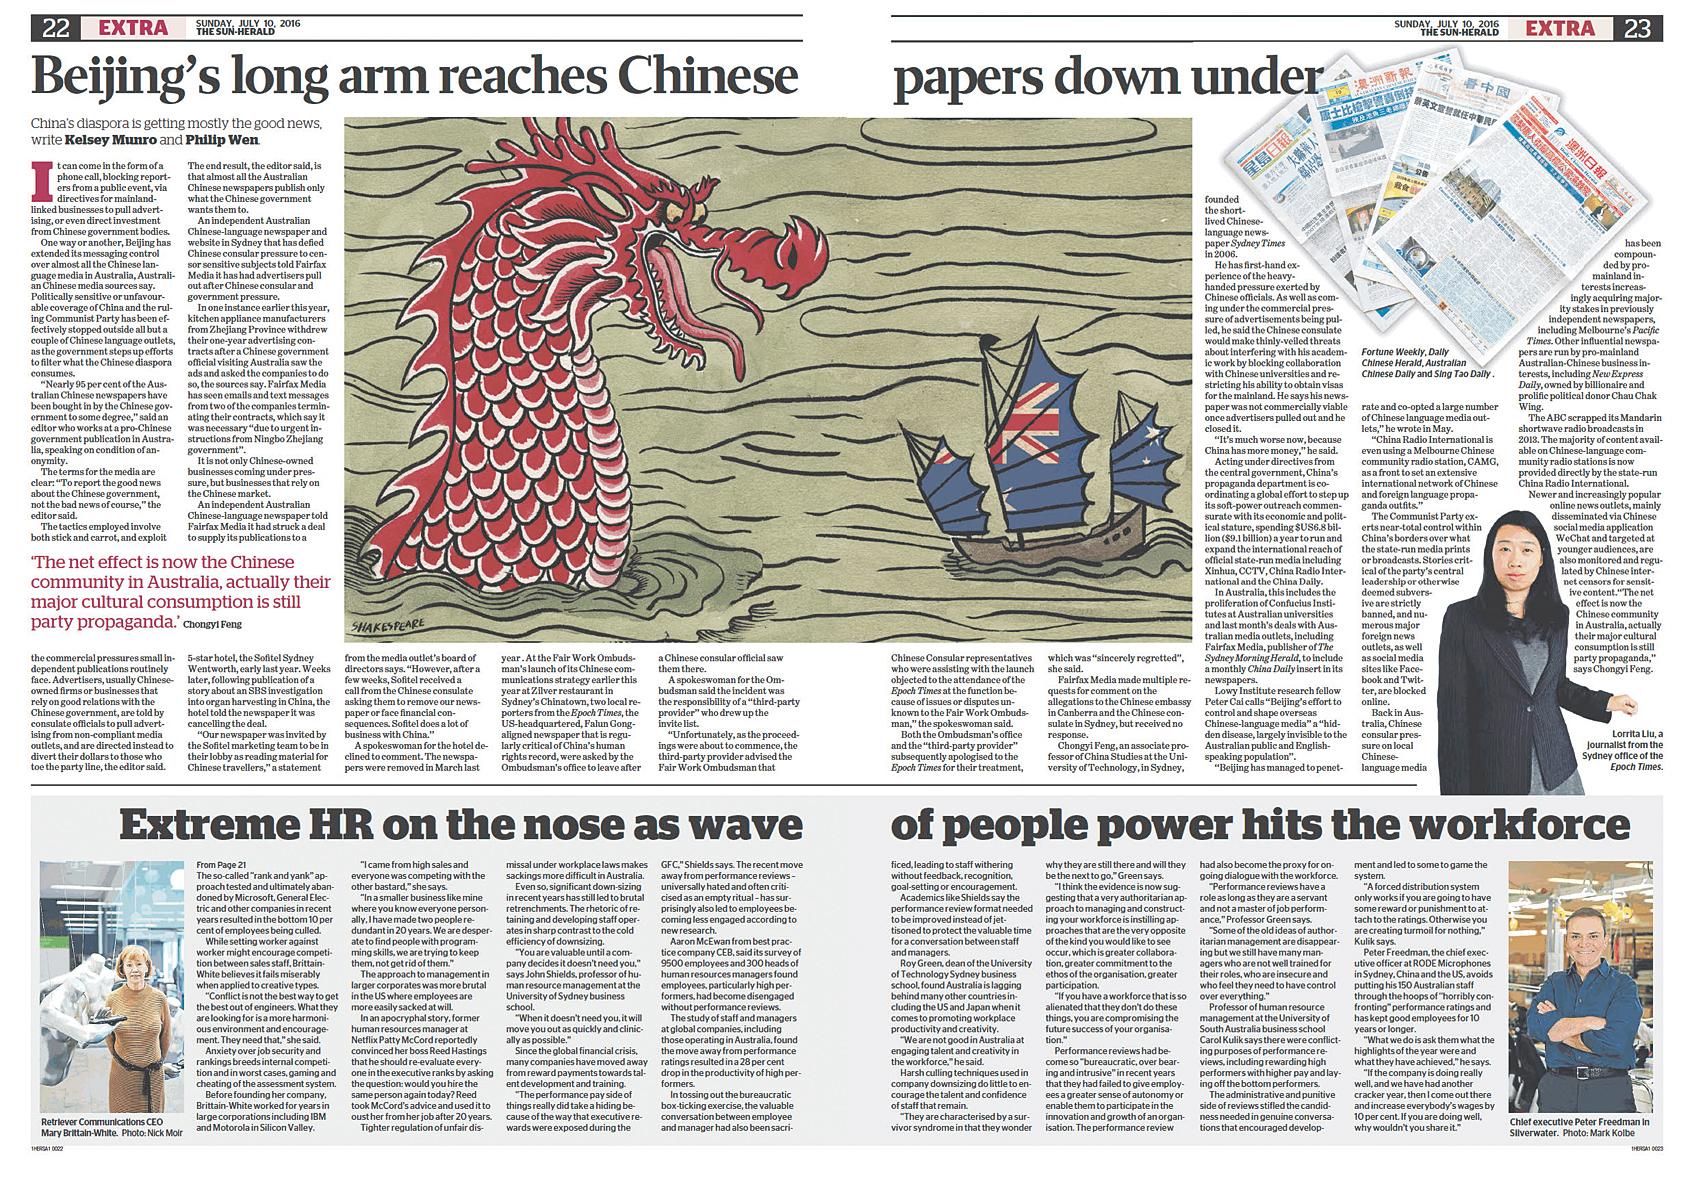 《太陽先驅報》7月10日關於中共對海外中文媒體控制的報紙報道。(大紀元合成)